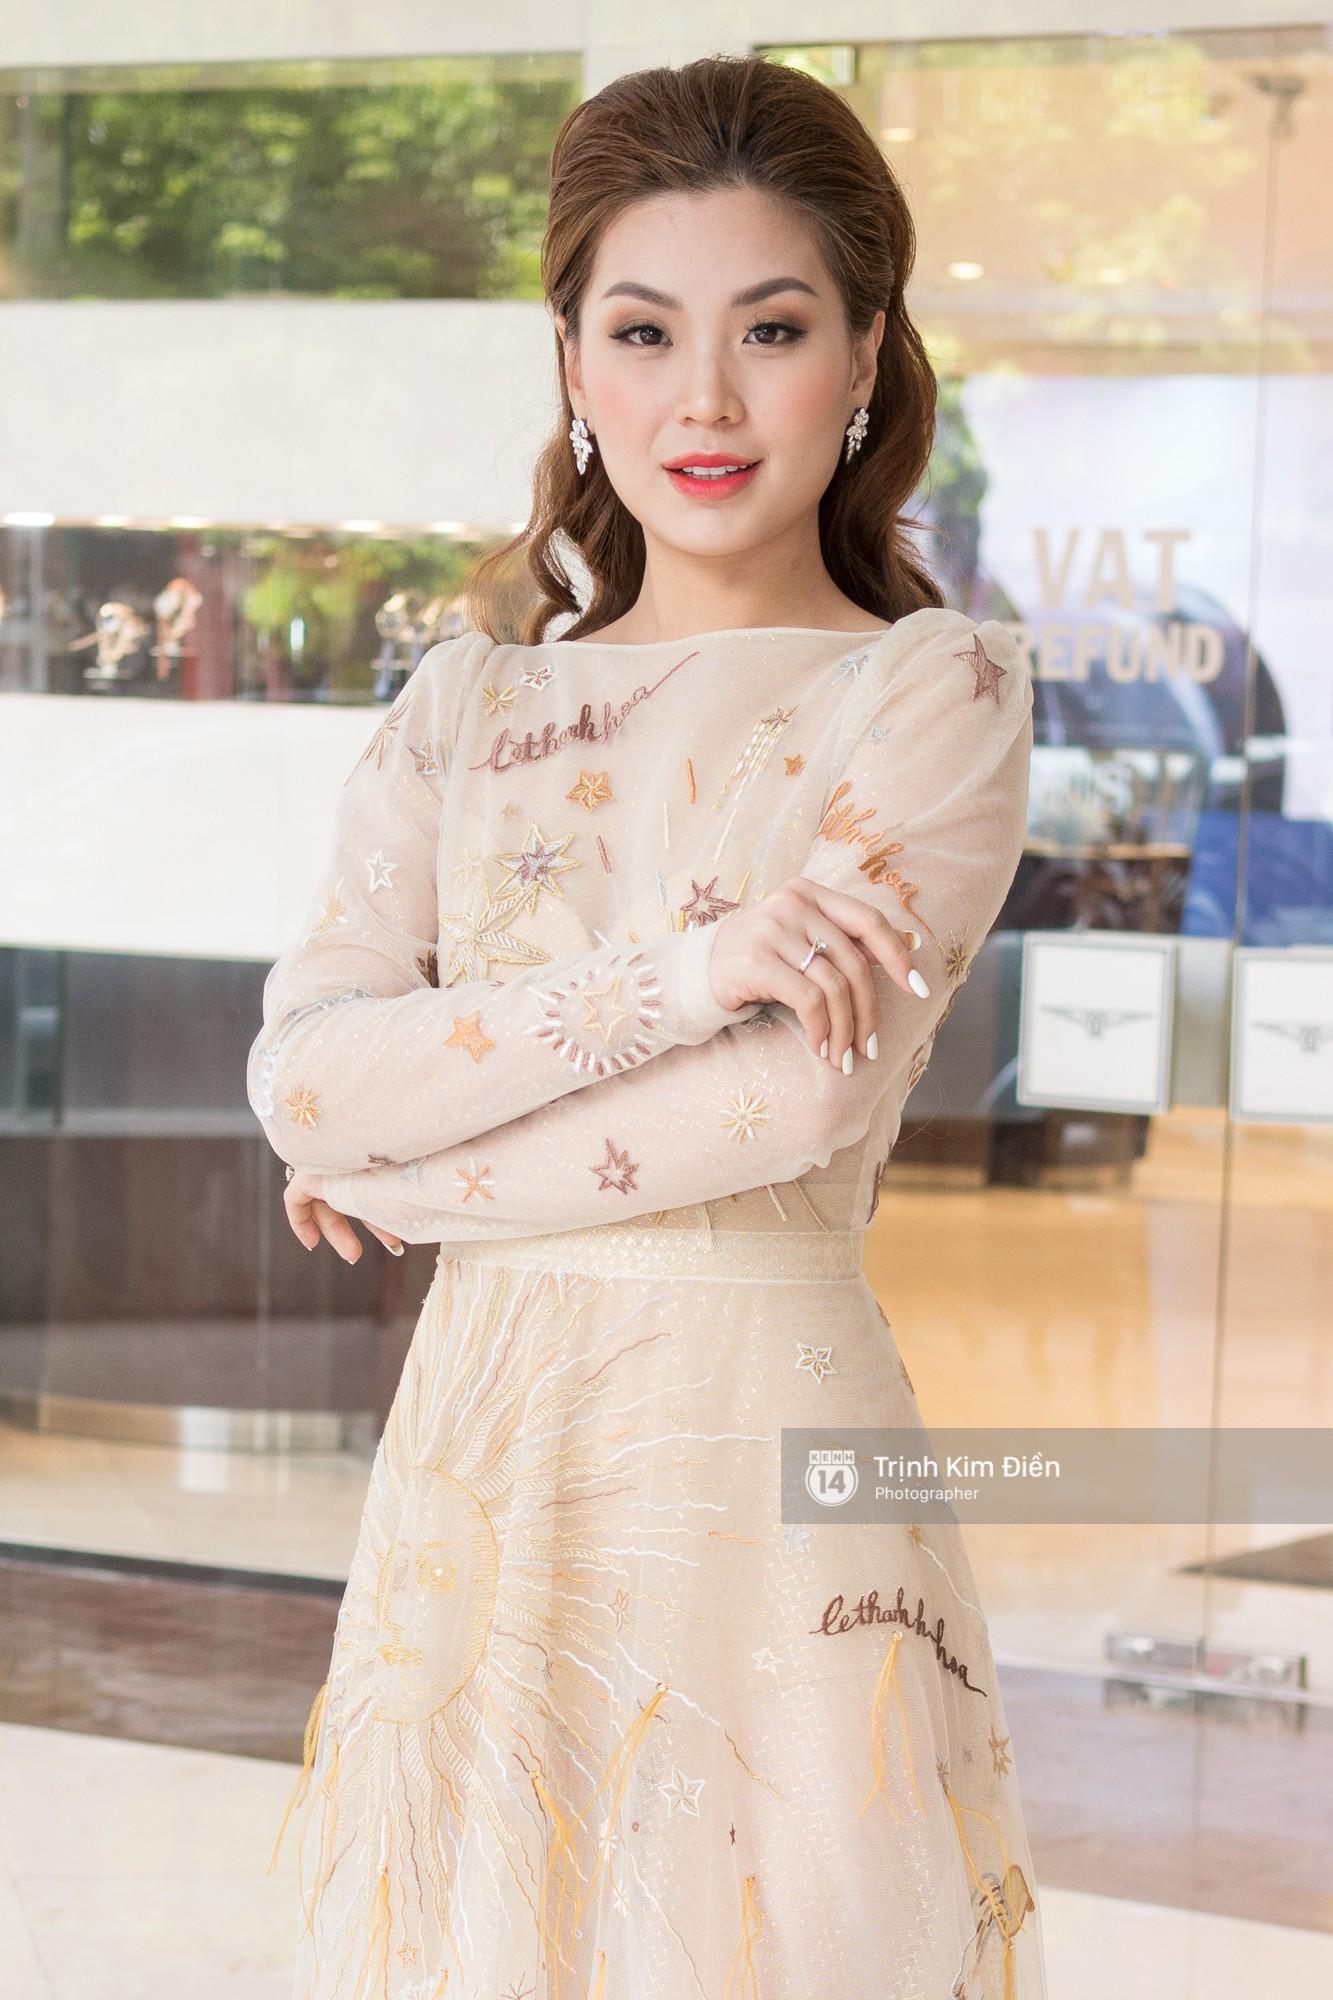 Hoa Hậu Việt Nam 2018: BGK lần đầu lộ diện trong sự kiện họp báo - Ảnh 7.